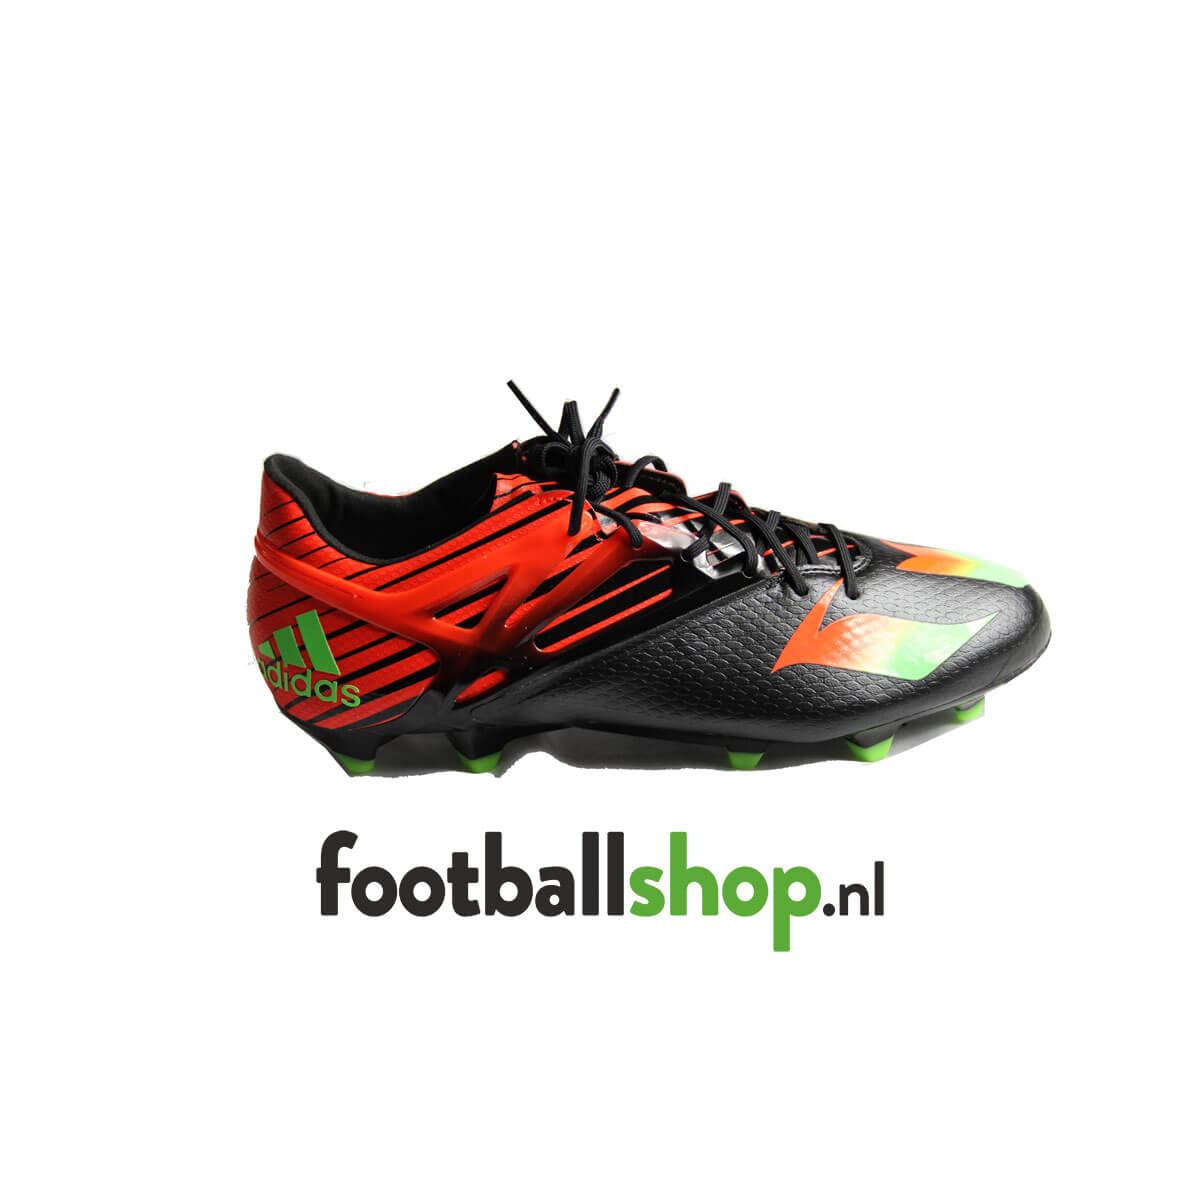 Adidas Messi15.1 FG-AG Core Black Solar Green Solar Red AF4654